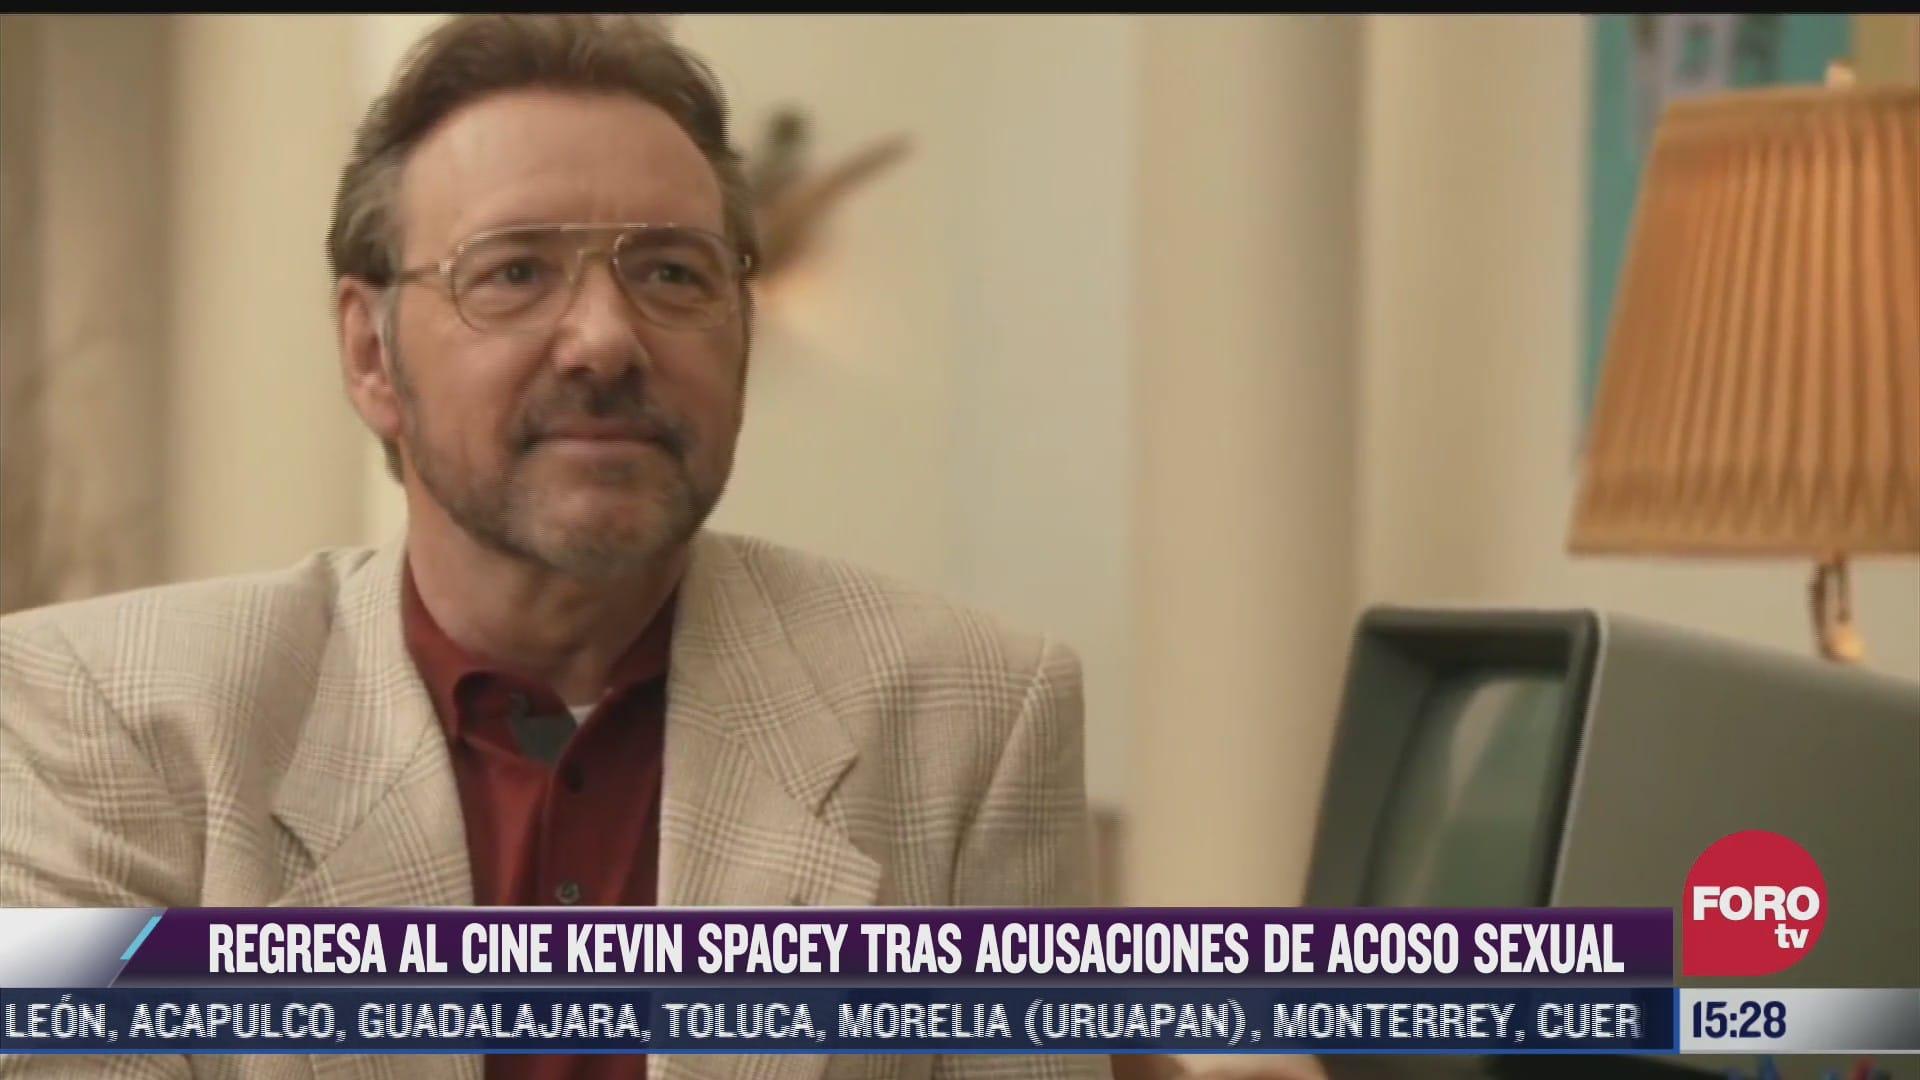 actor kevin spacey regresara al cine tras acusaciones de abuso sexual